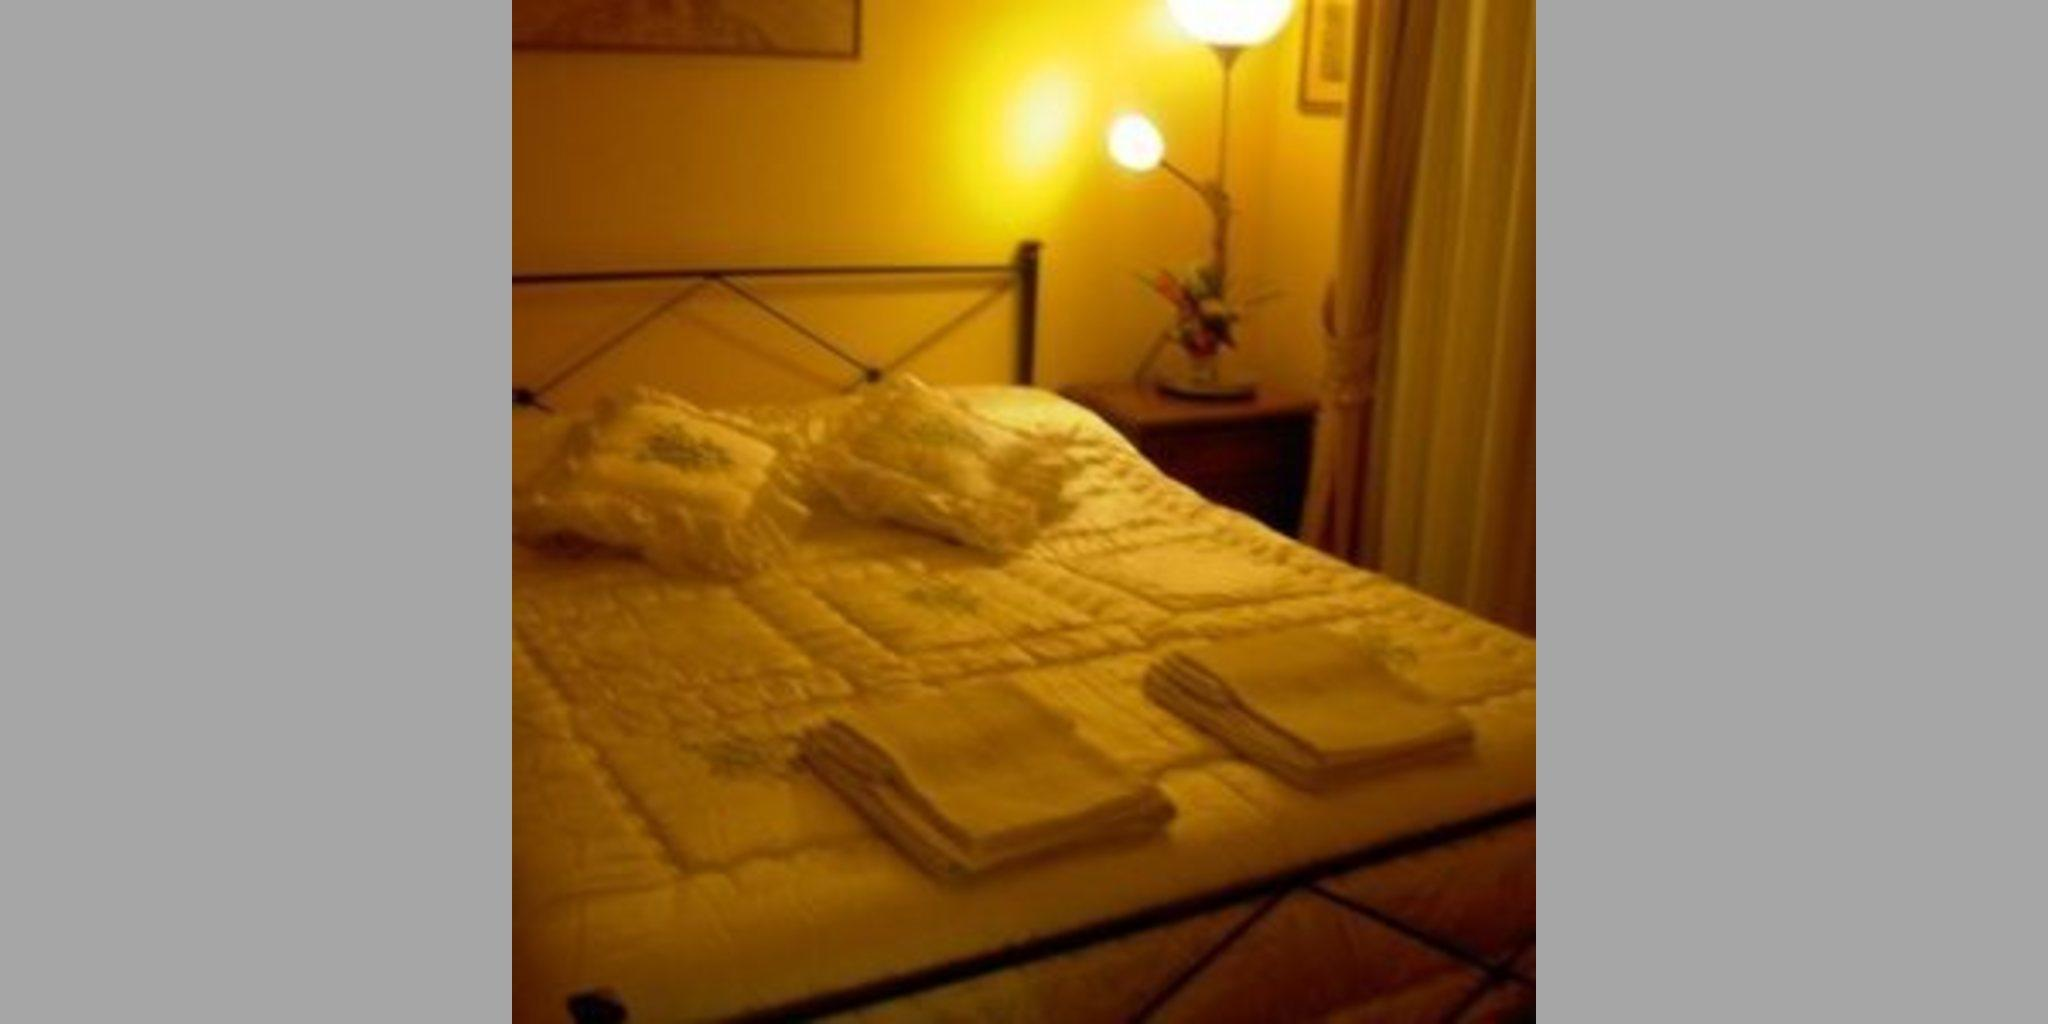 Bed & Breakfast Montelupo Fiorentino - Fiorentino